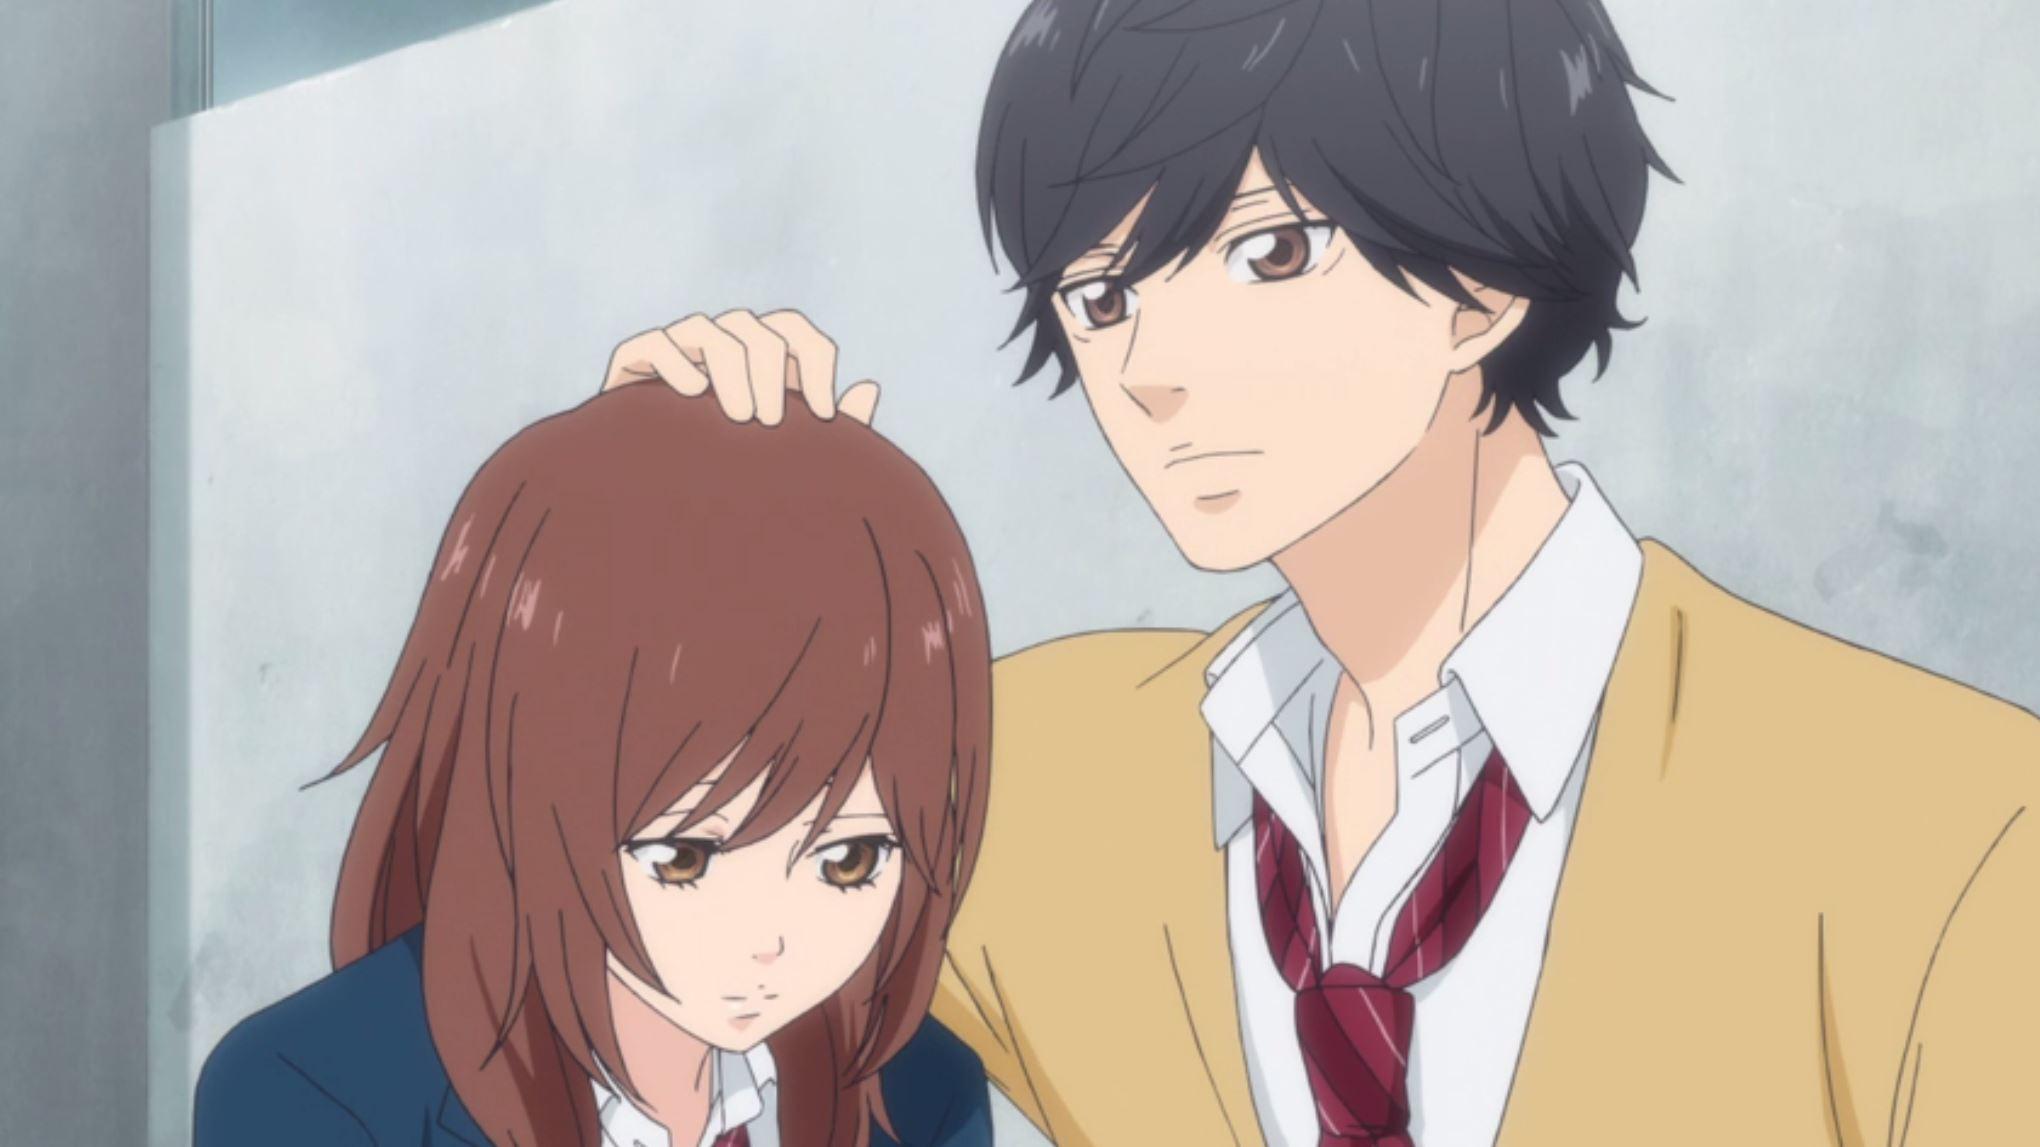 Kết quả hình ảnh cho Ao Haru Ride anime